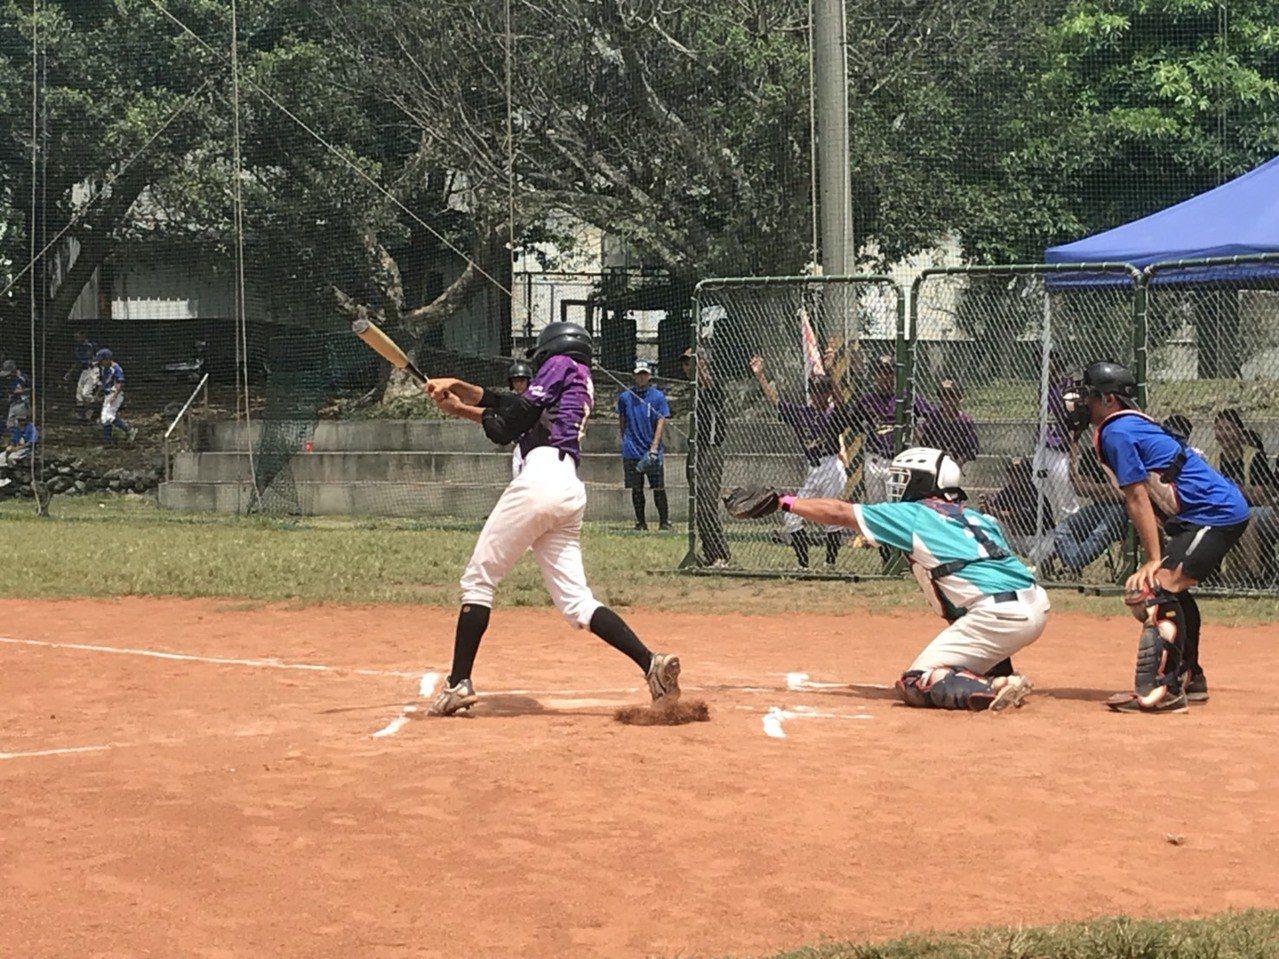 花蓮縣玉里高中舉辦為期3天的「2018年長庚暑期棒球生活營」。記者蔡翼謙/攝影